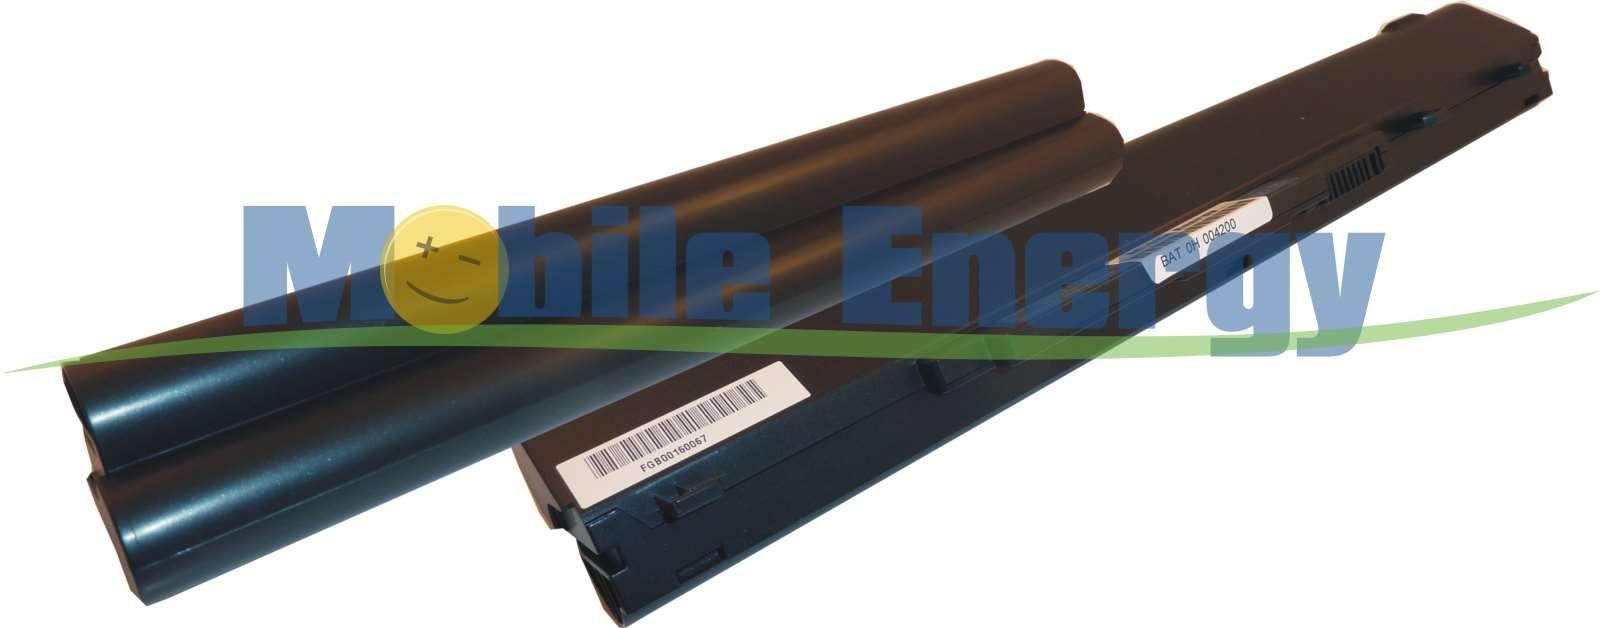 Mobile-Energy Baterie Acer Aspire 3935 / 4220 - 14.4v 5200mAh -